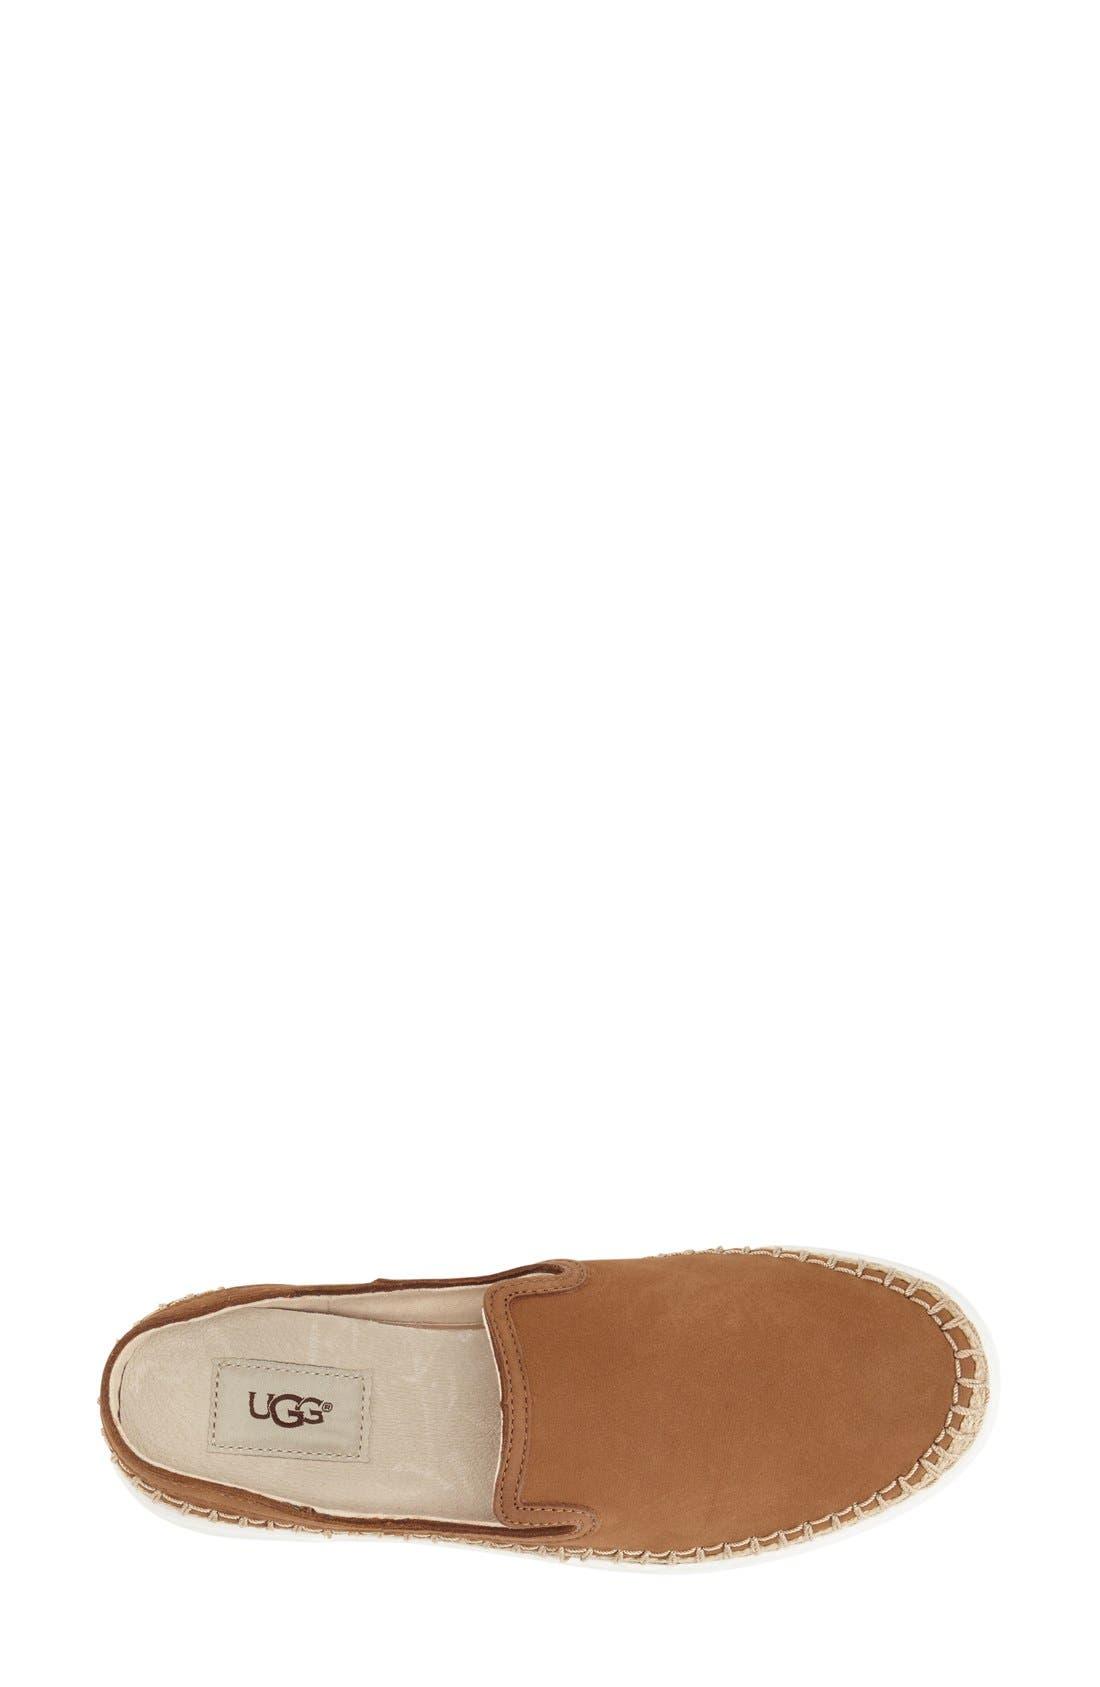 'Caleel' Slip-On Sneaker,                             Alternate thumbnail 2, color,                             219